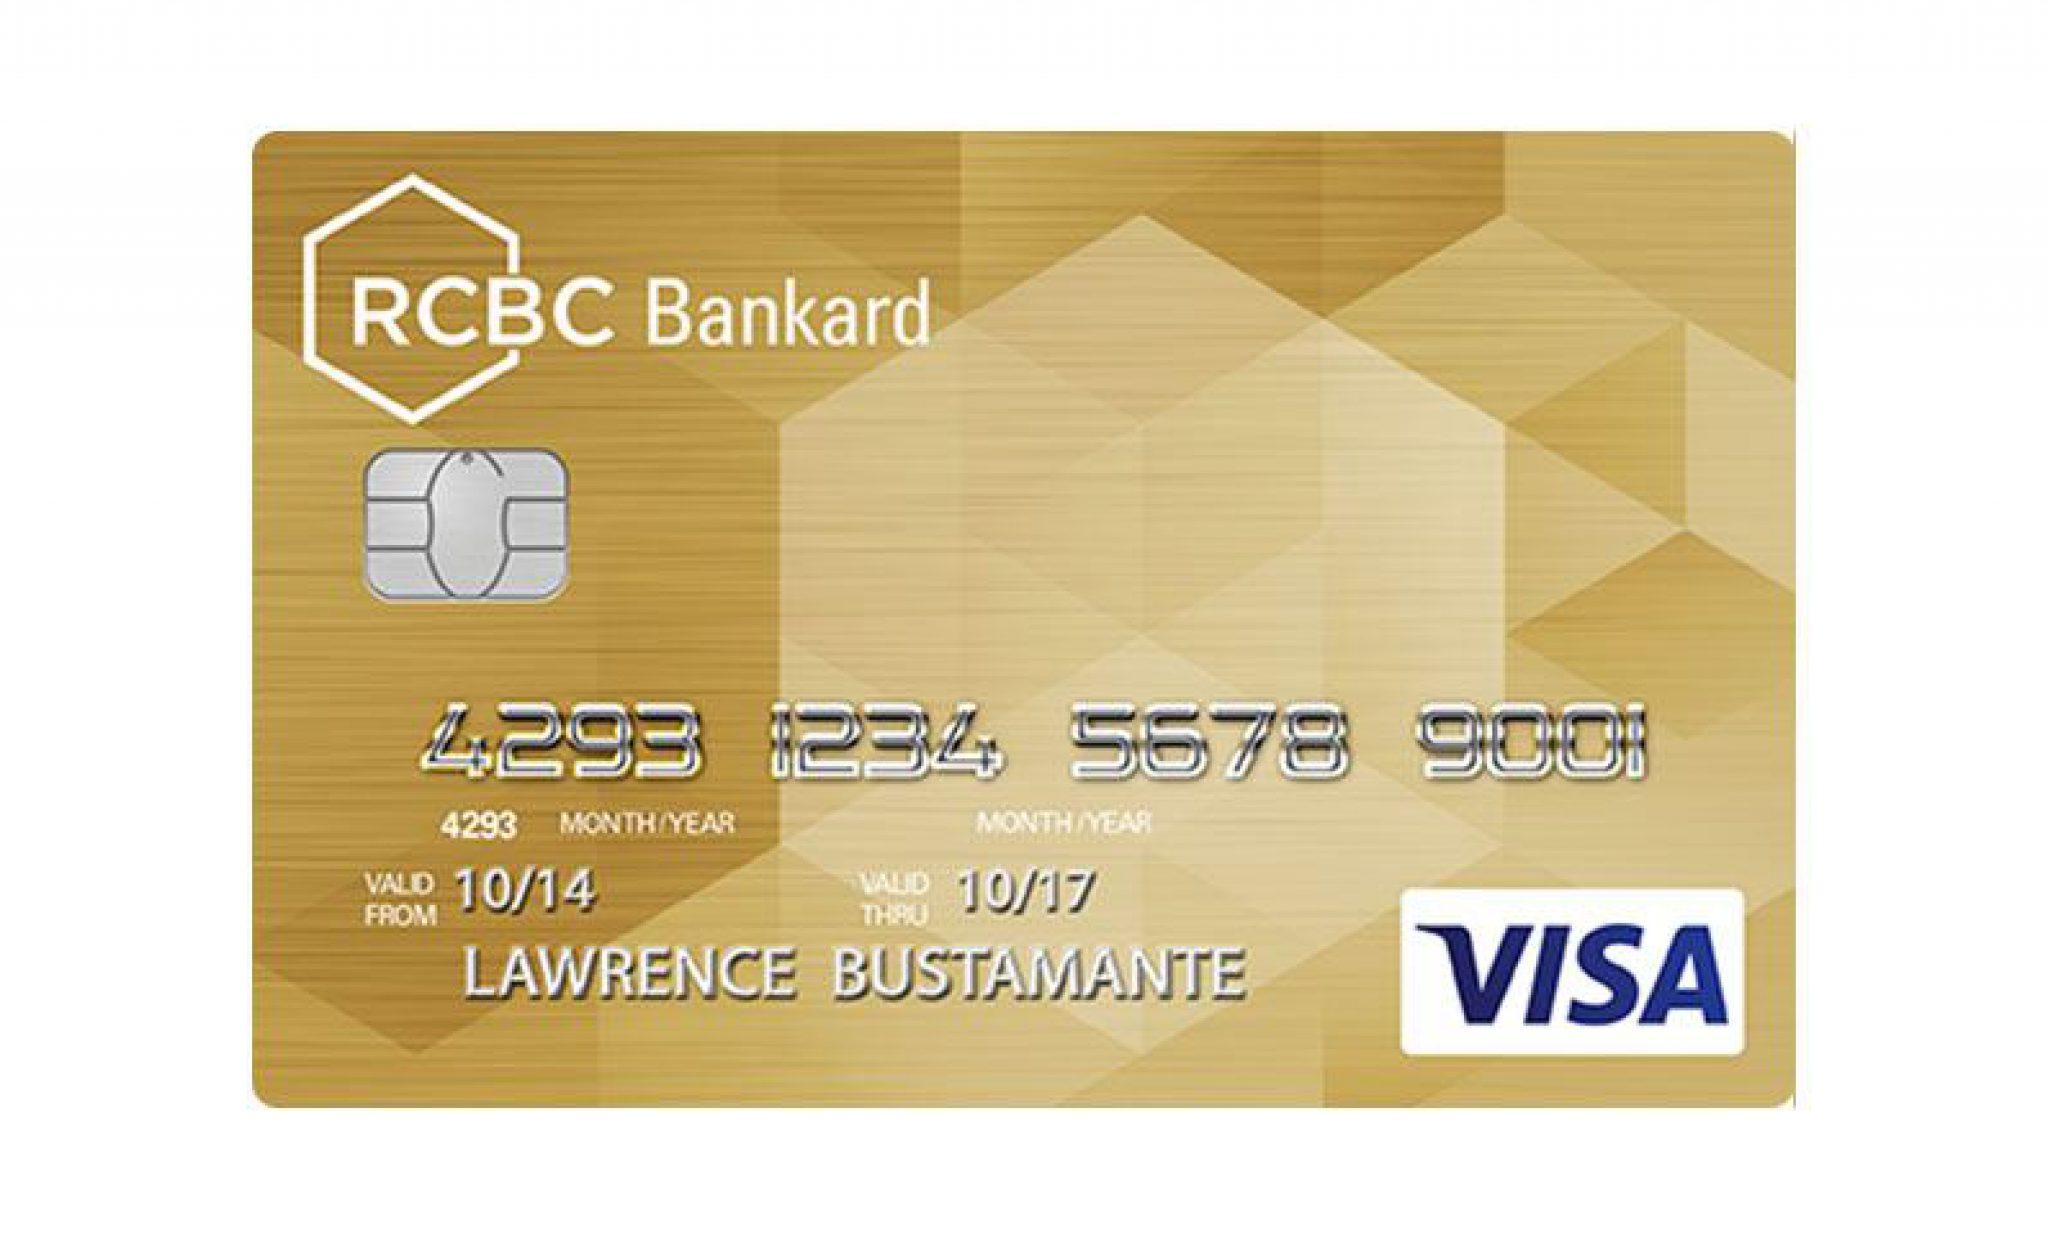 RCBC Bankard Gold Visa